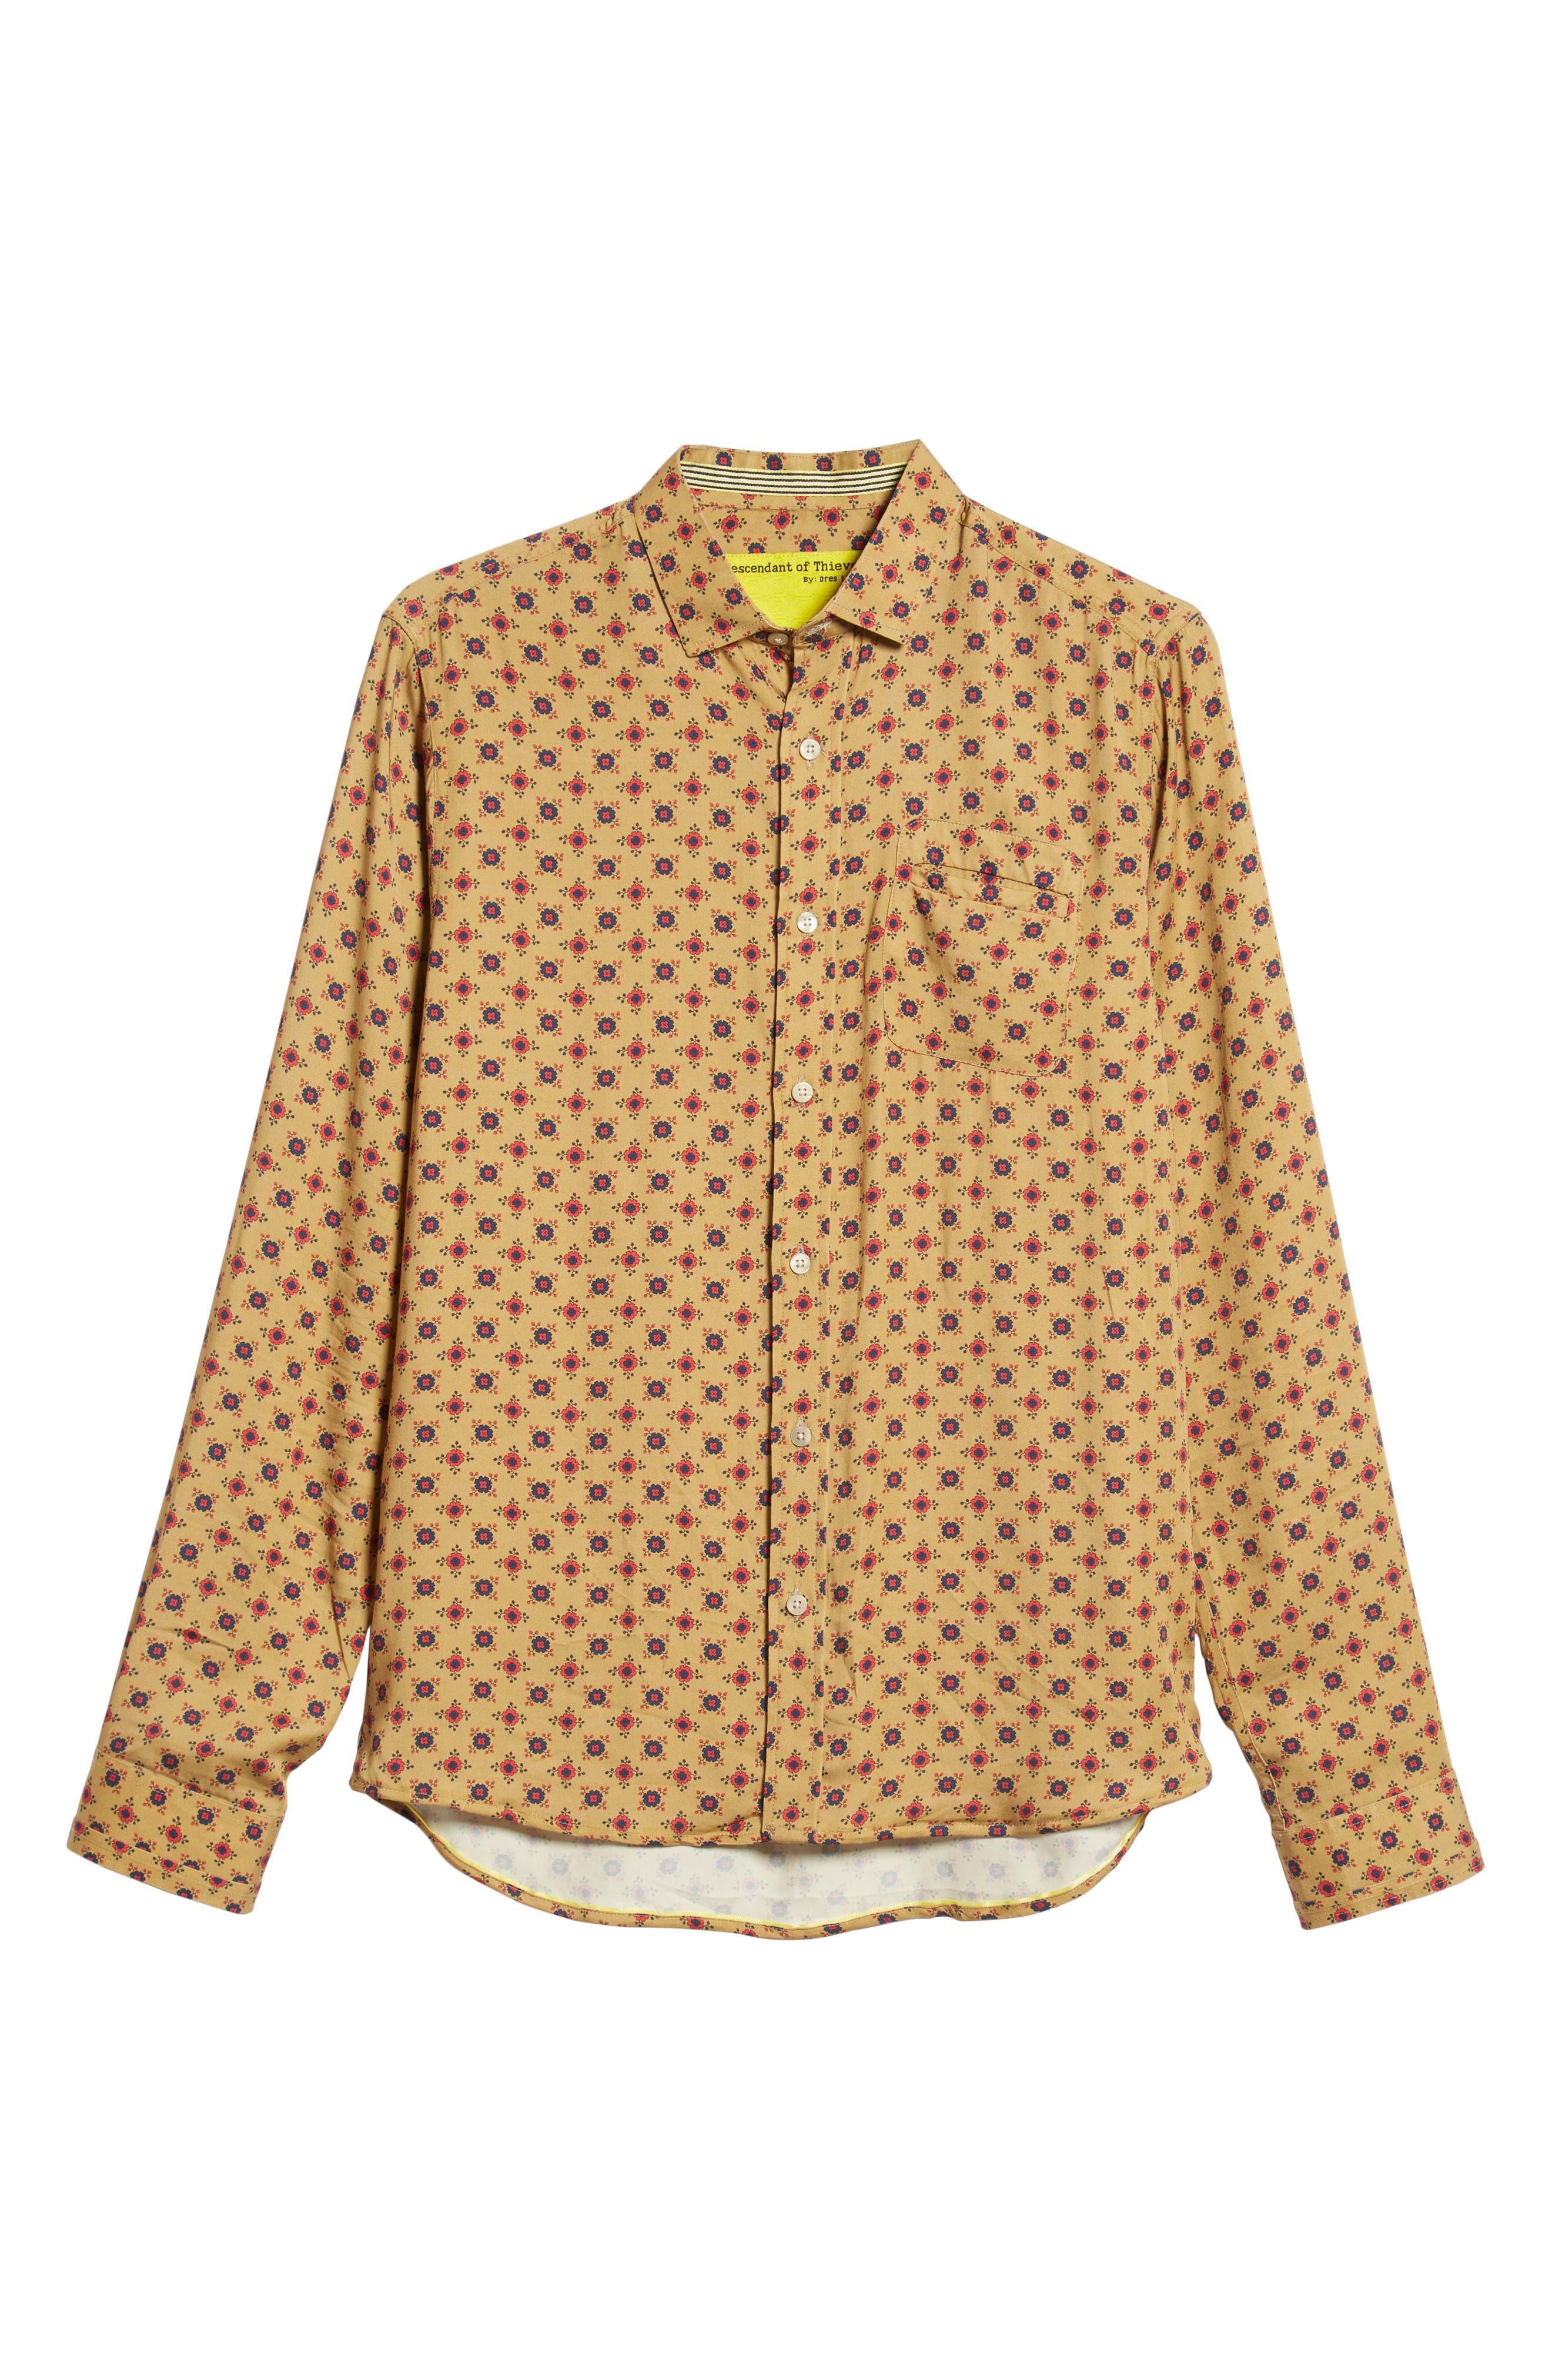 Nonna Wall Long Sleeve Woven Shirt,                             Alternate thumbnail 5, color,                             KHAKI